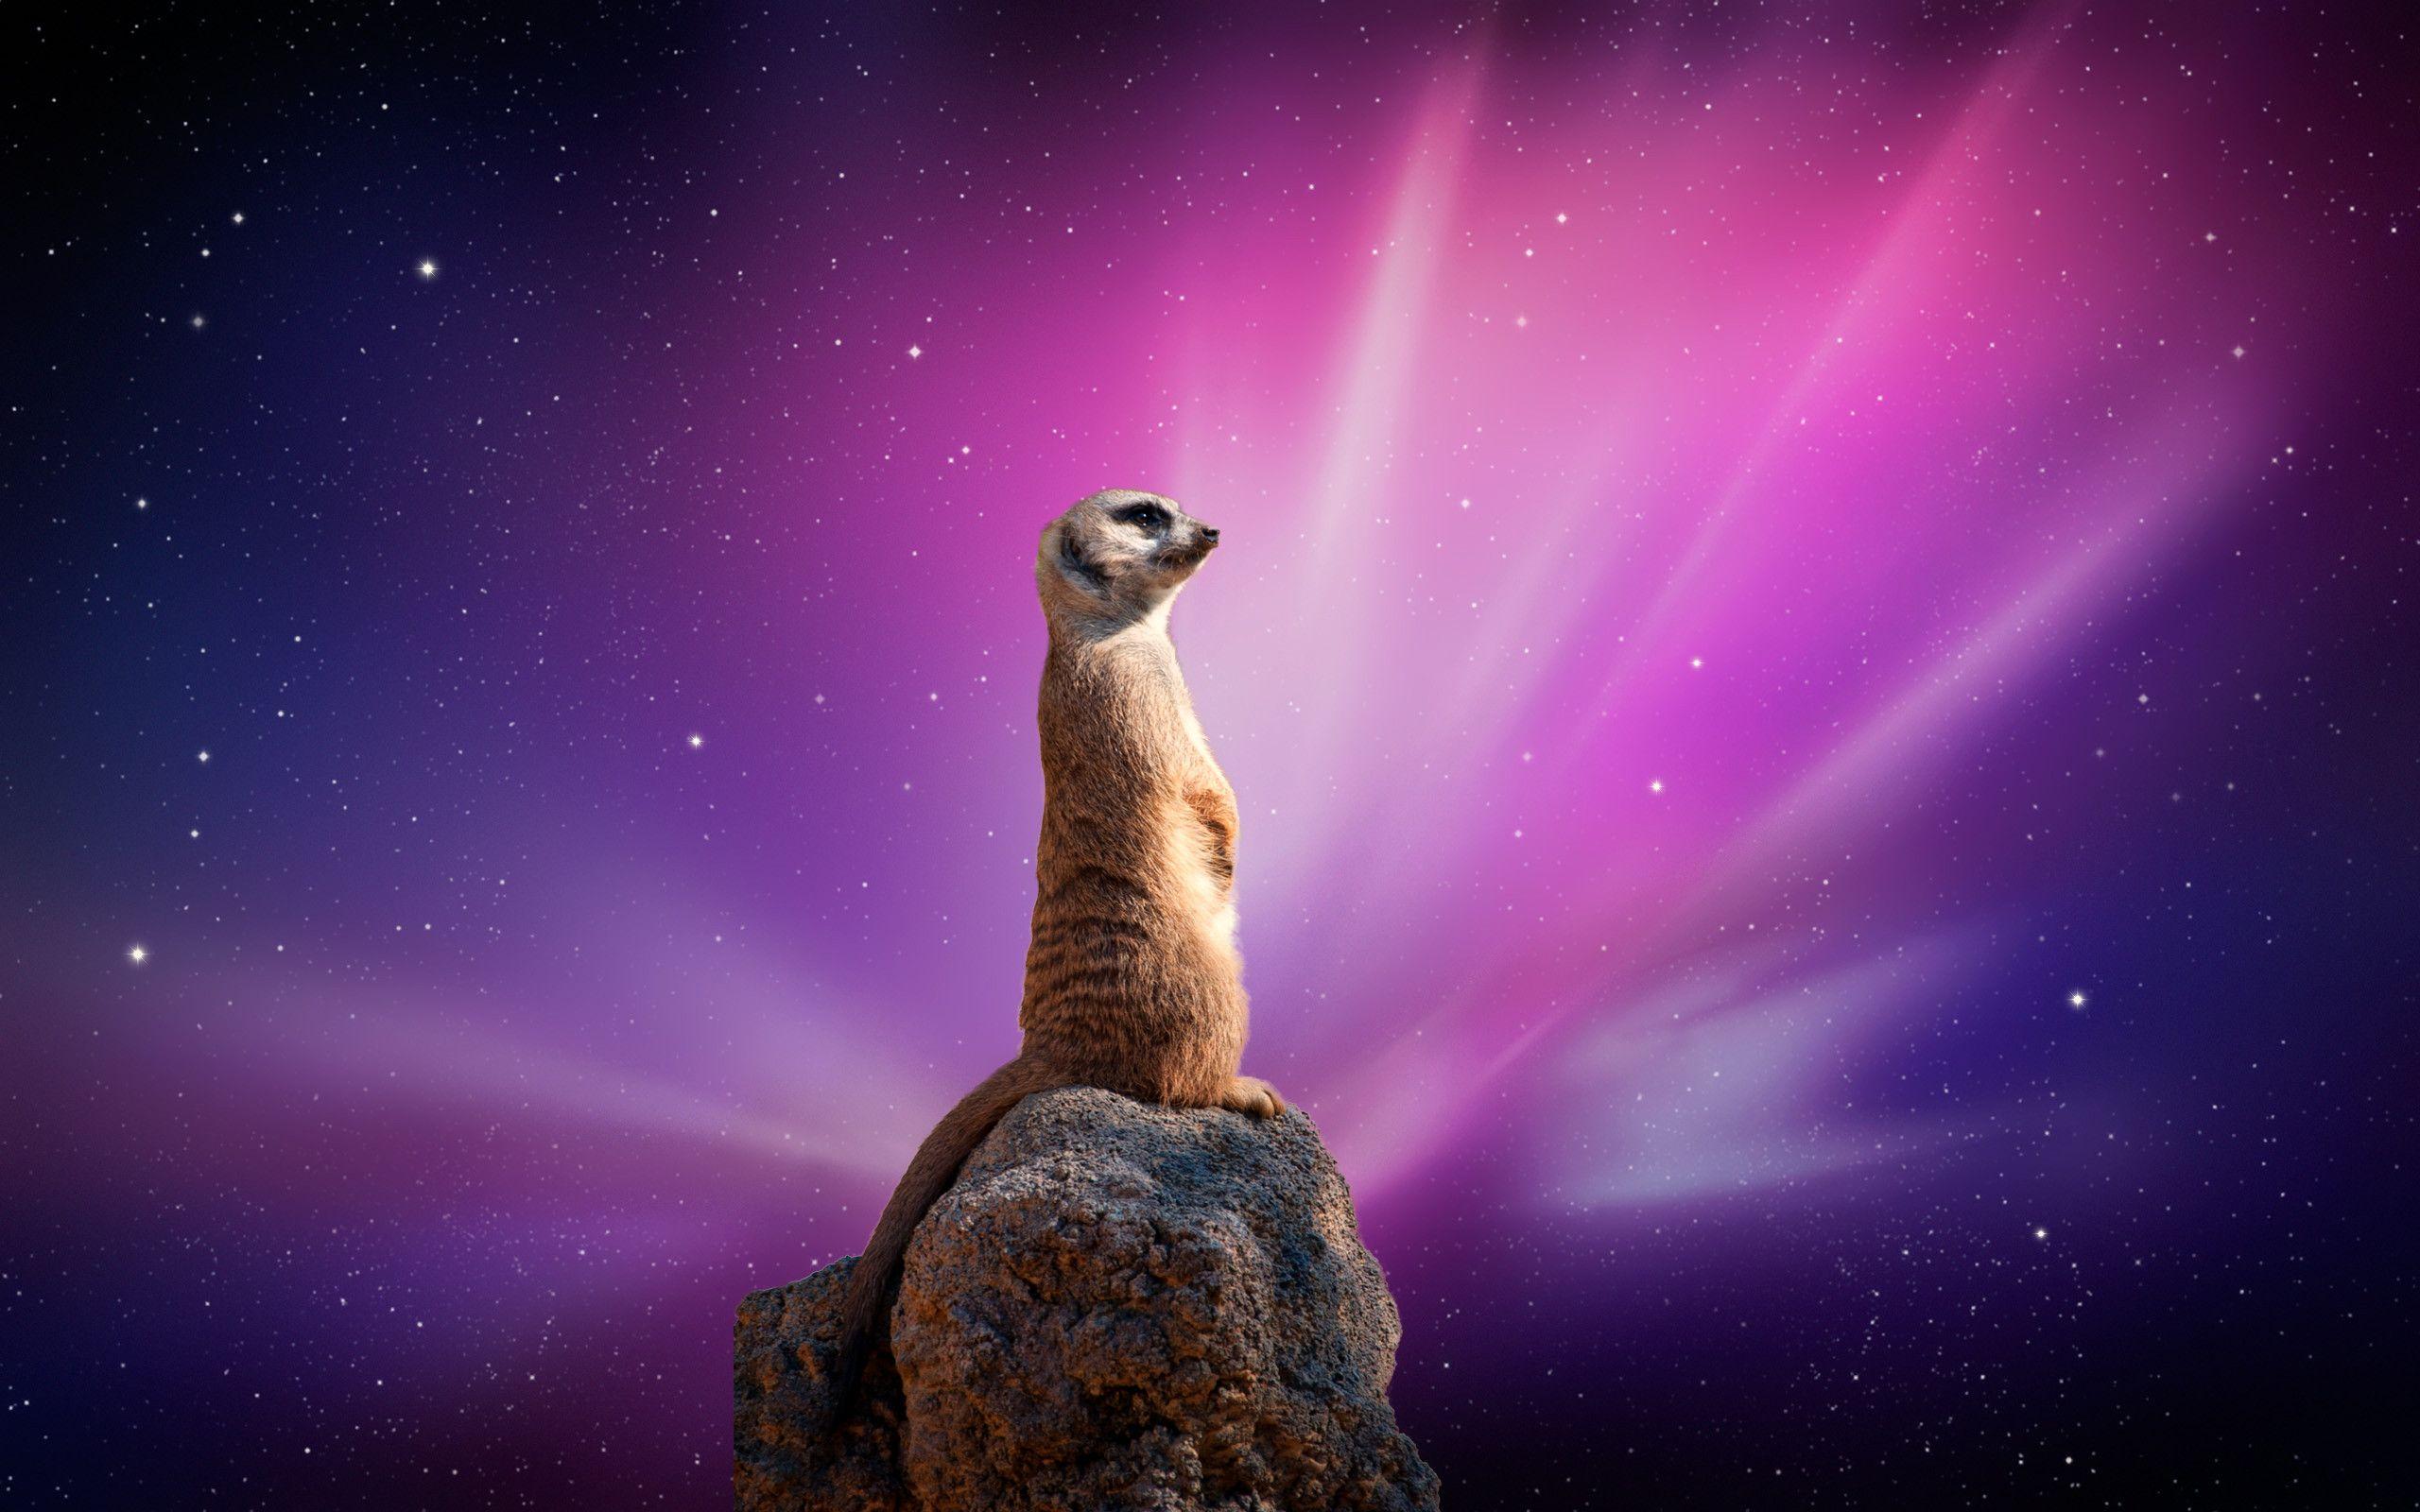 Meerkat Pictures